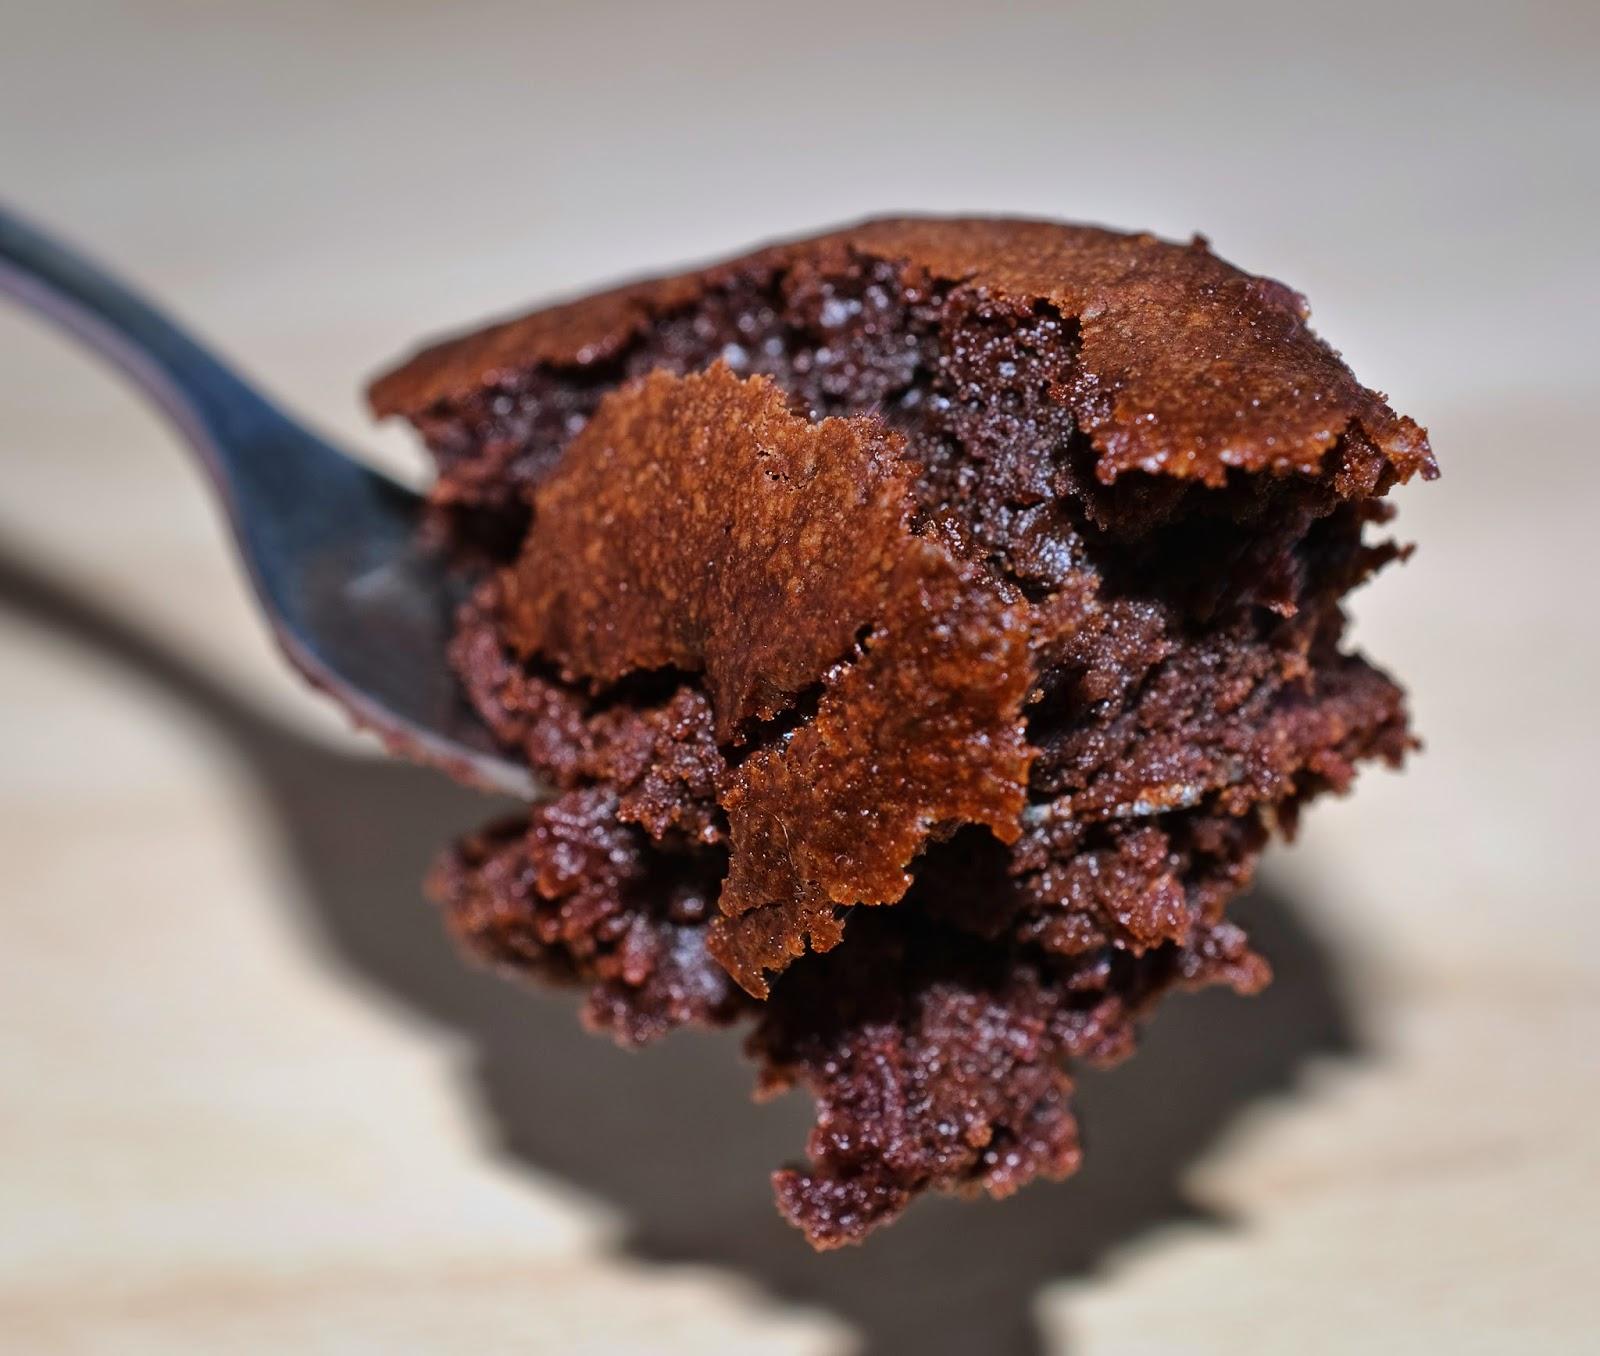 Bizcocho de remolacha; Beetroot cake